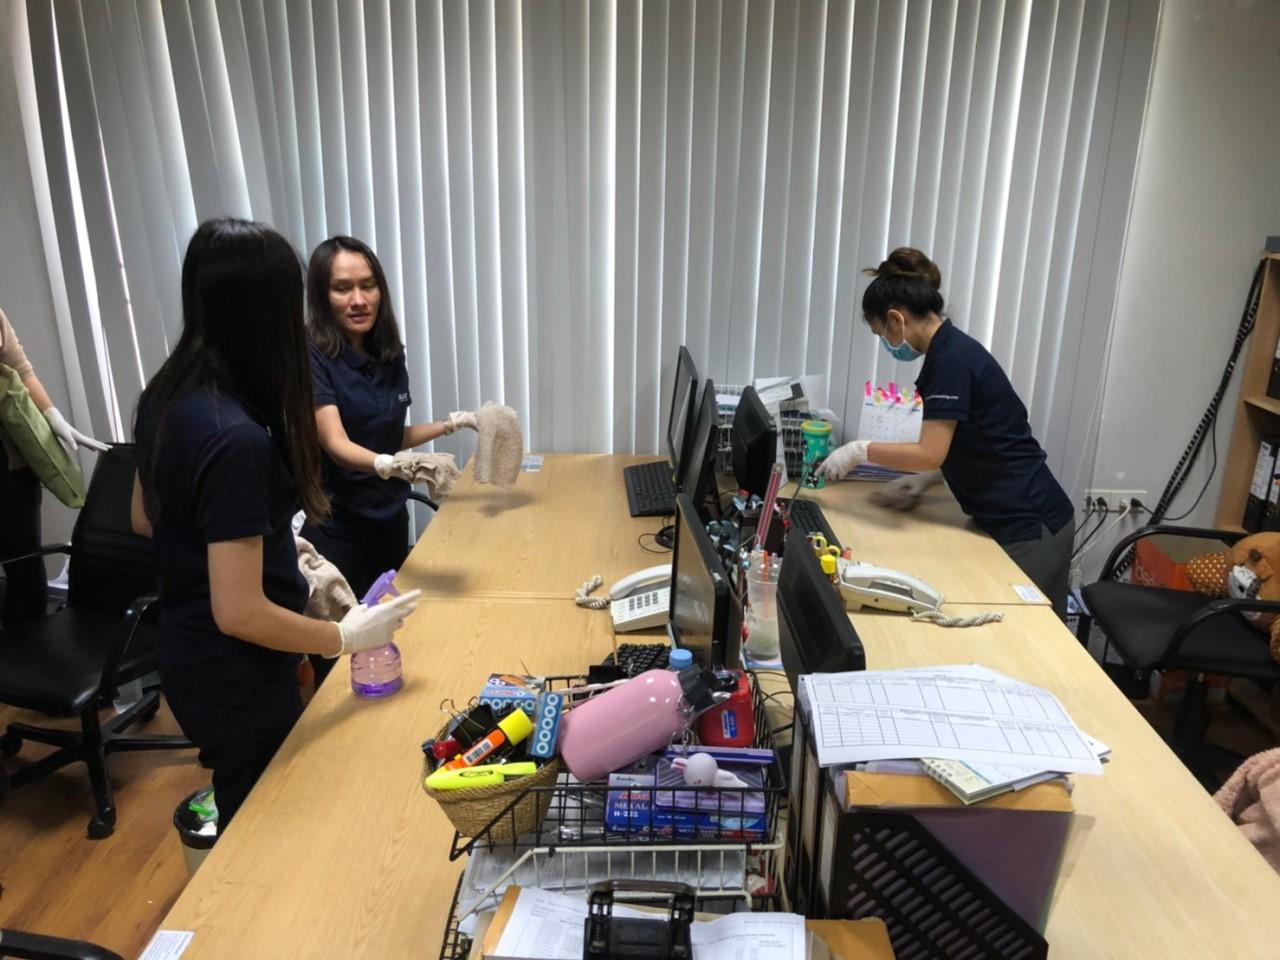 ทีมงานNAT Bangkok ร่วมกันทำ Big cleaning day เพื่อสุขอนามัยไร้ Covid-19